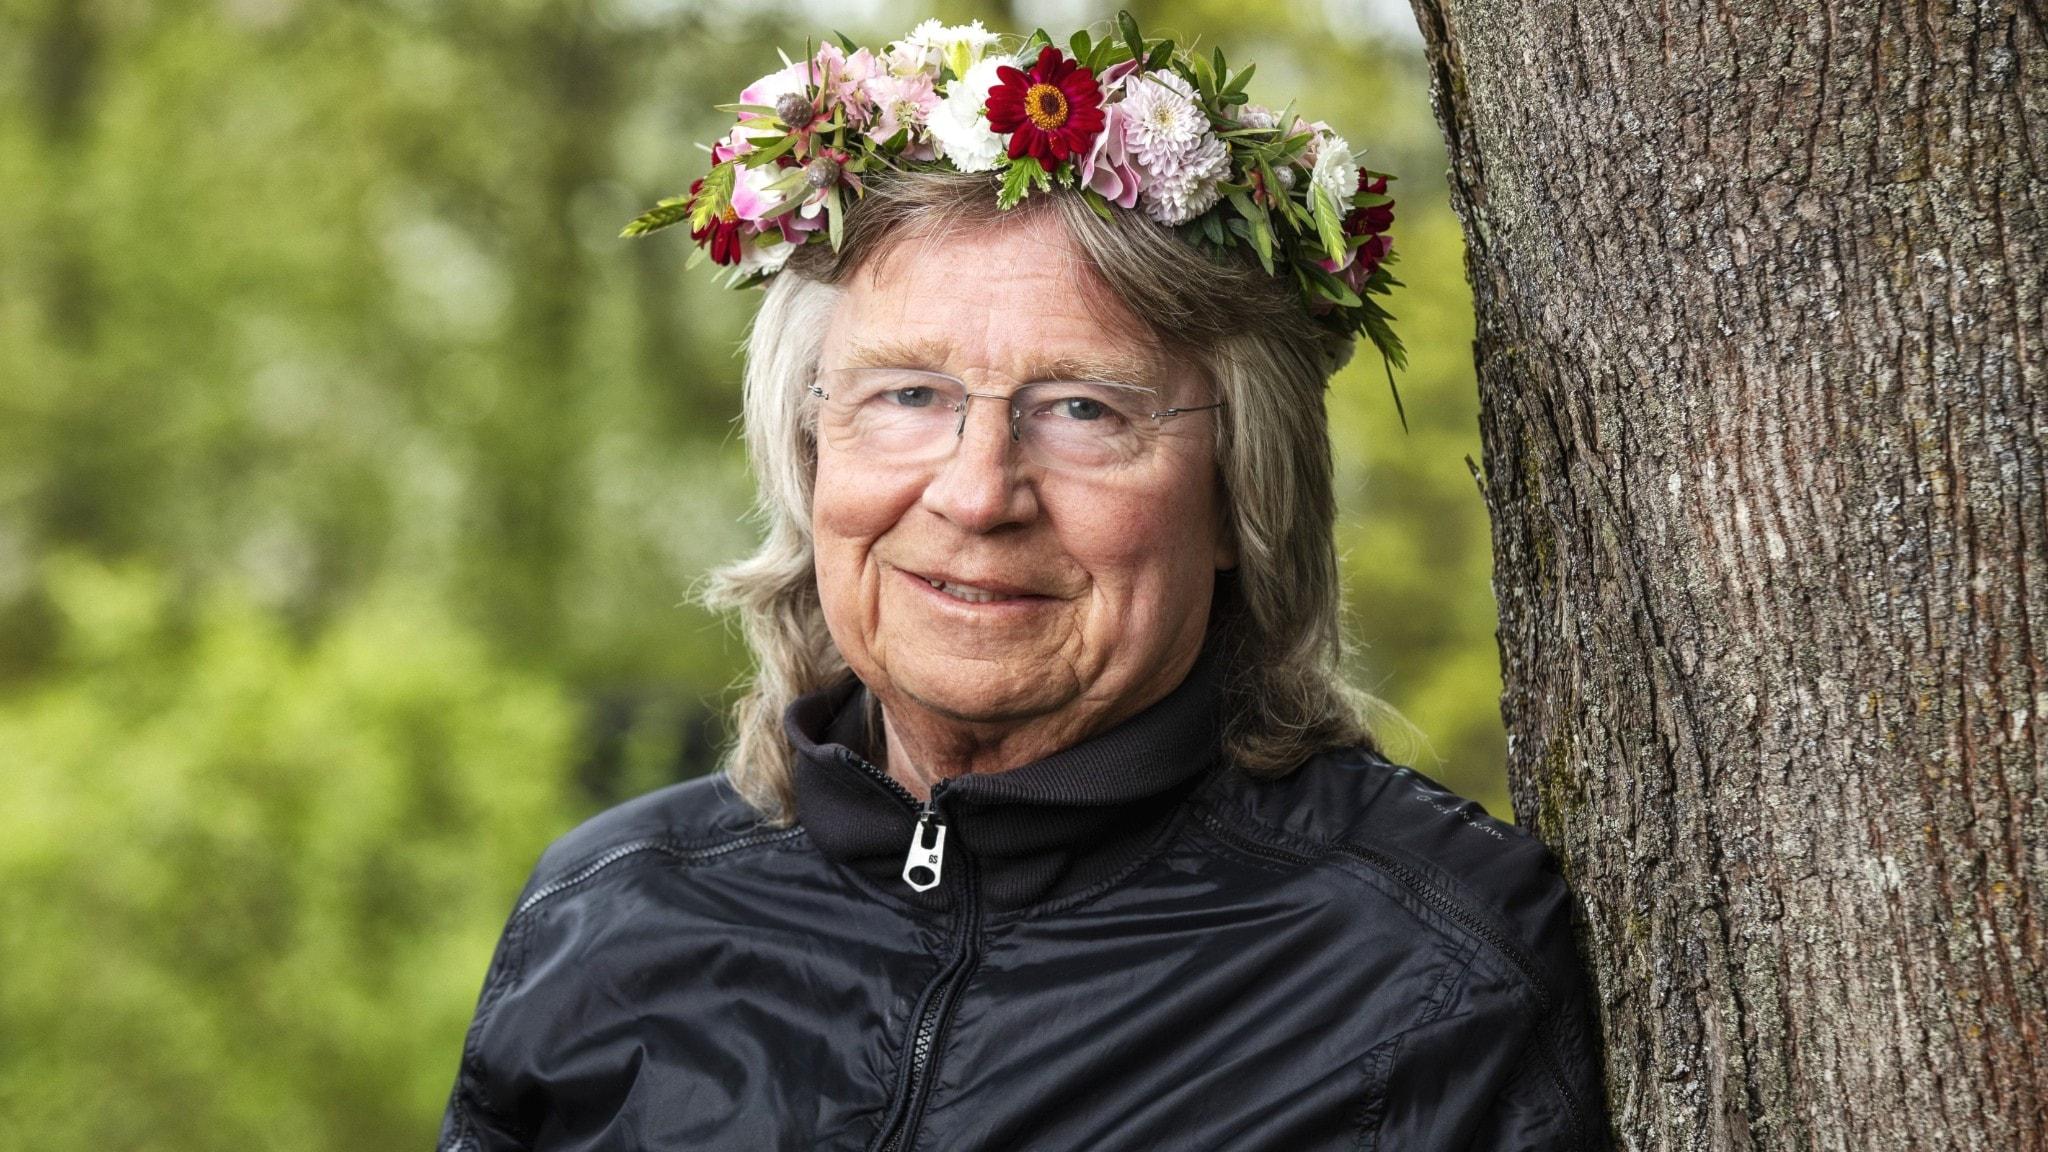 Janne Schaffer med blomsterkrans på huvudet.